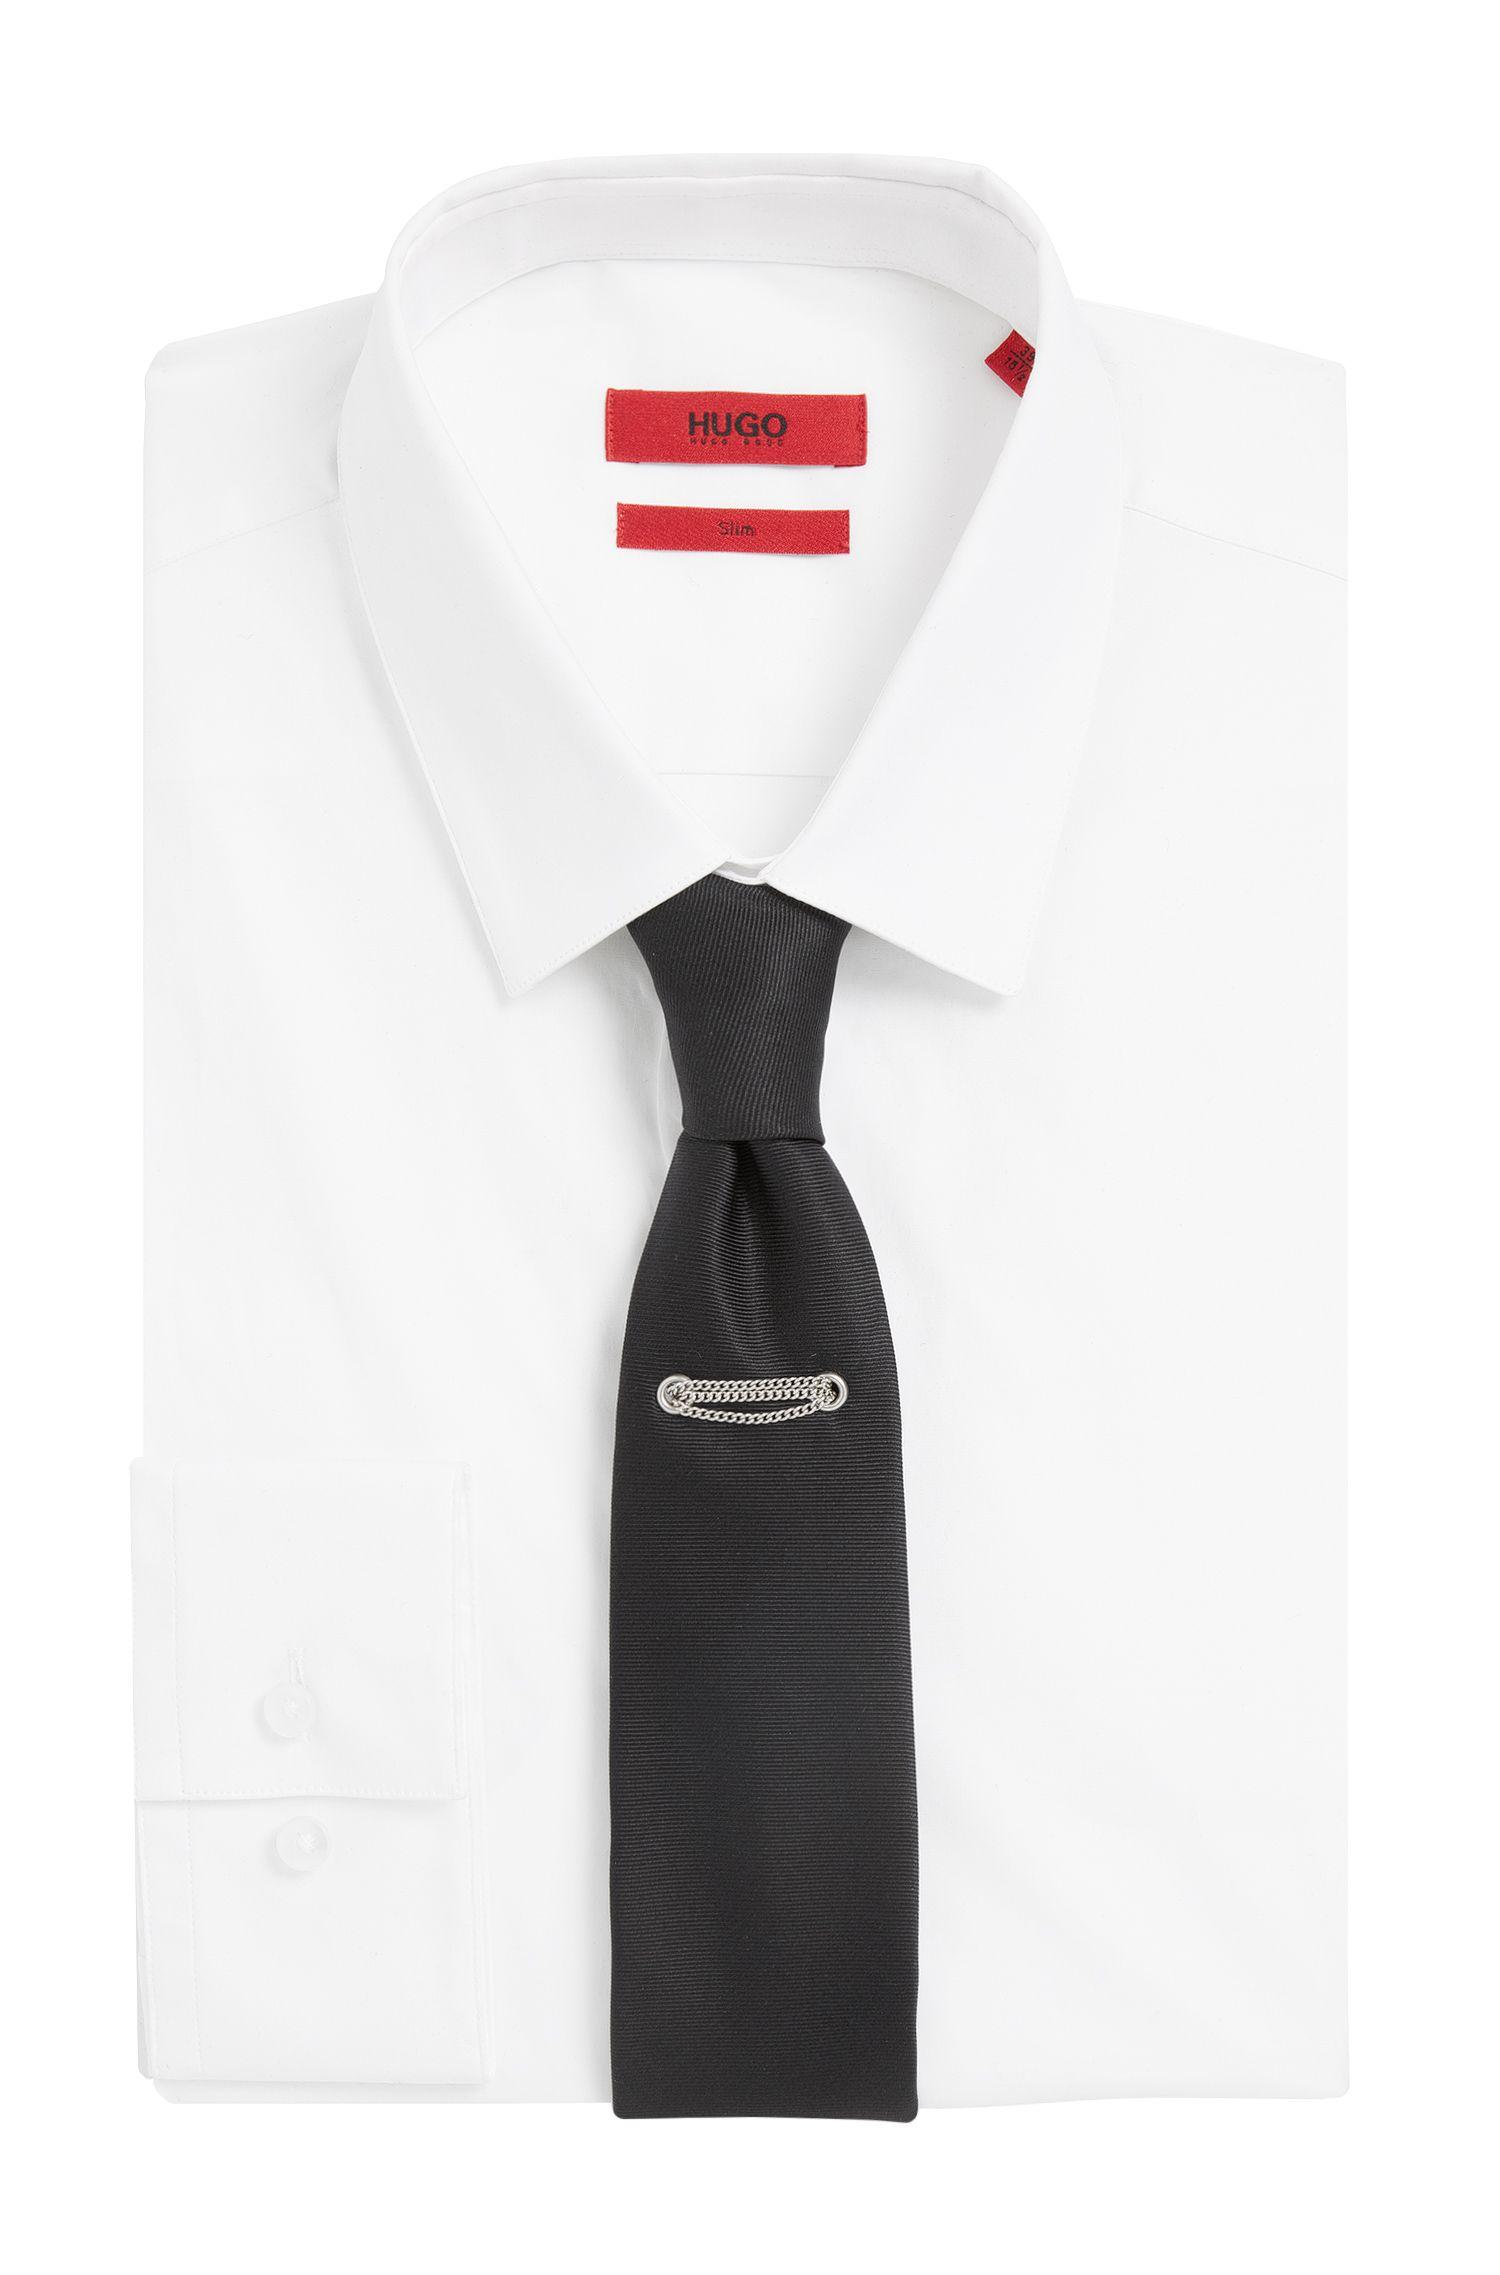 Cravate en soie avec détail en métal: «Tie cm 6 with chain»